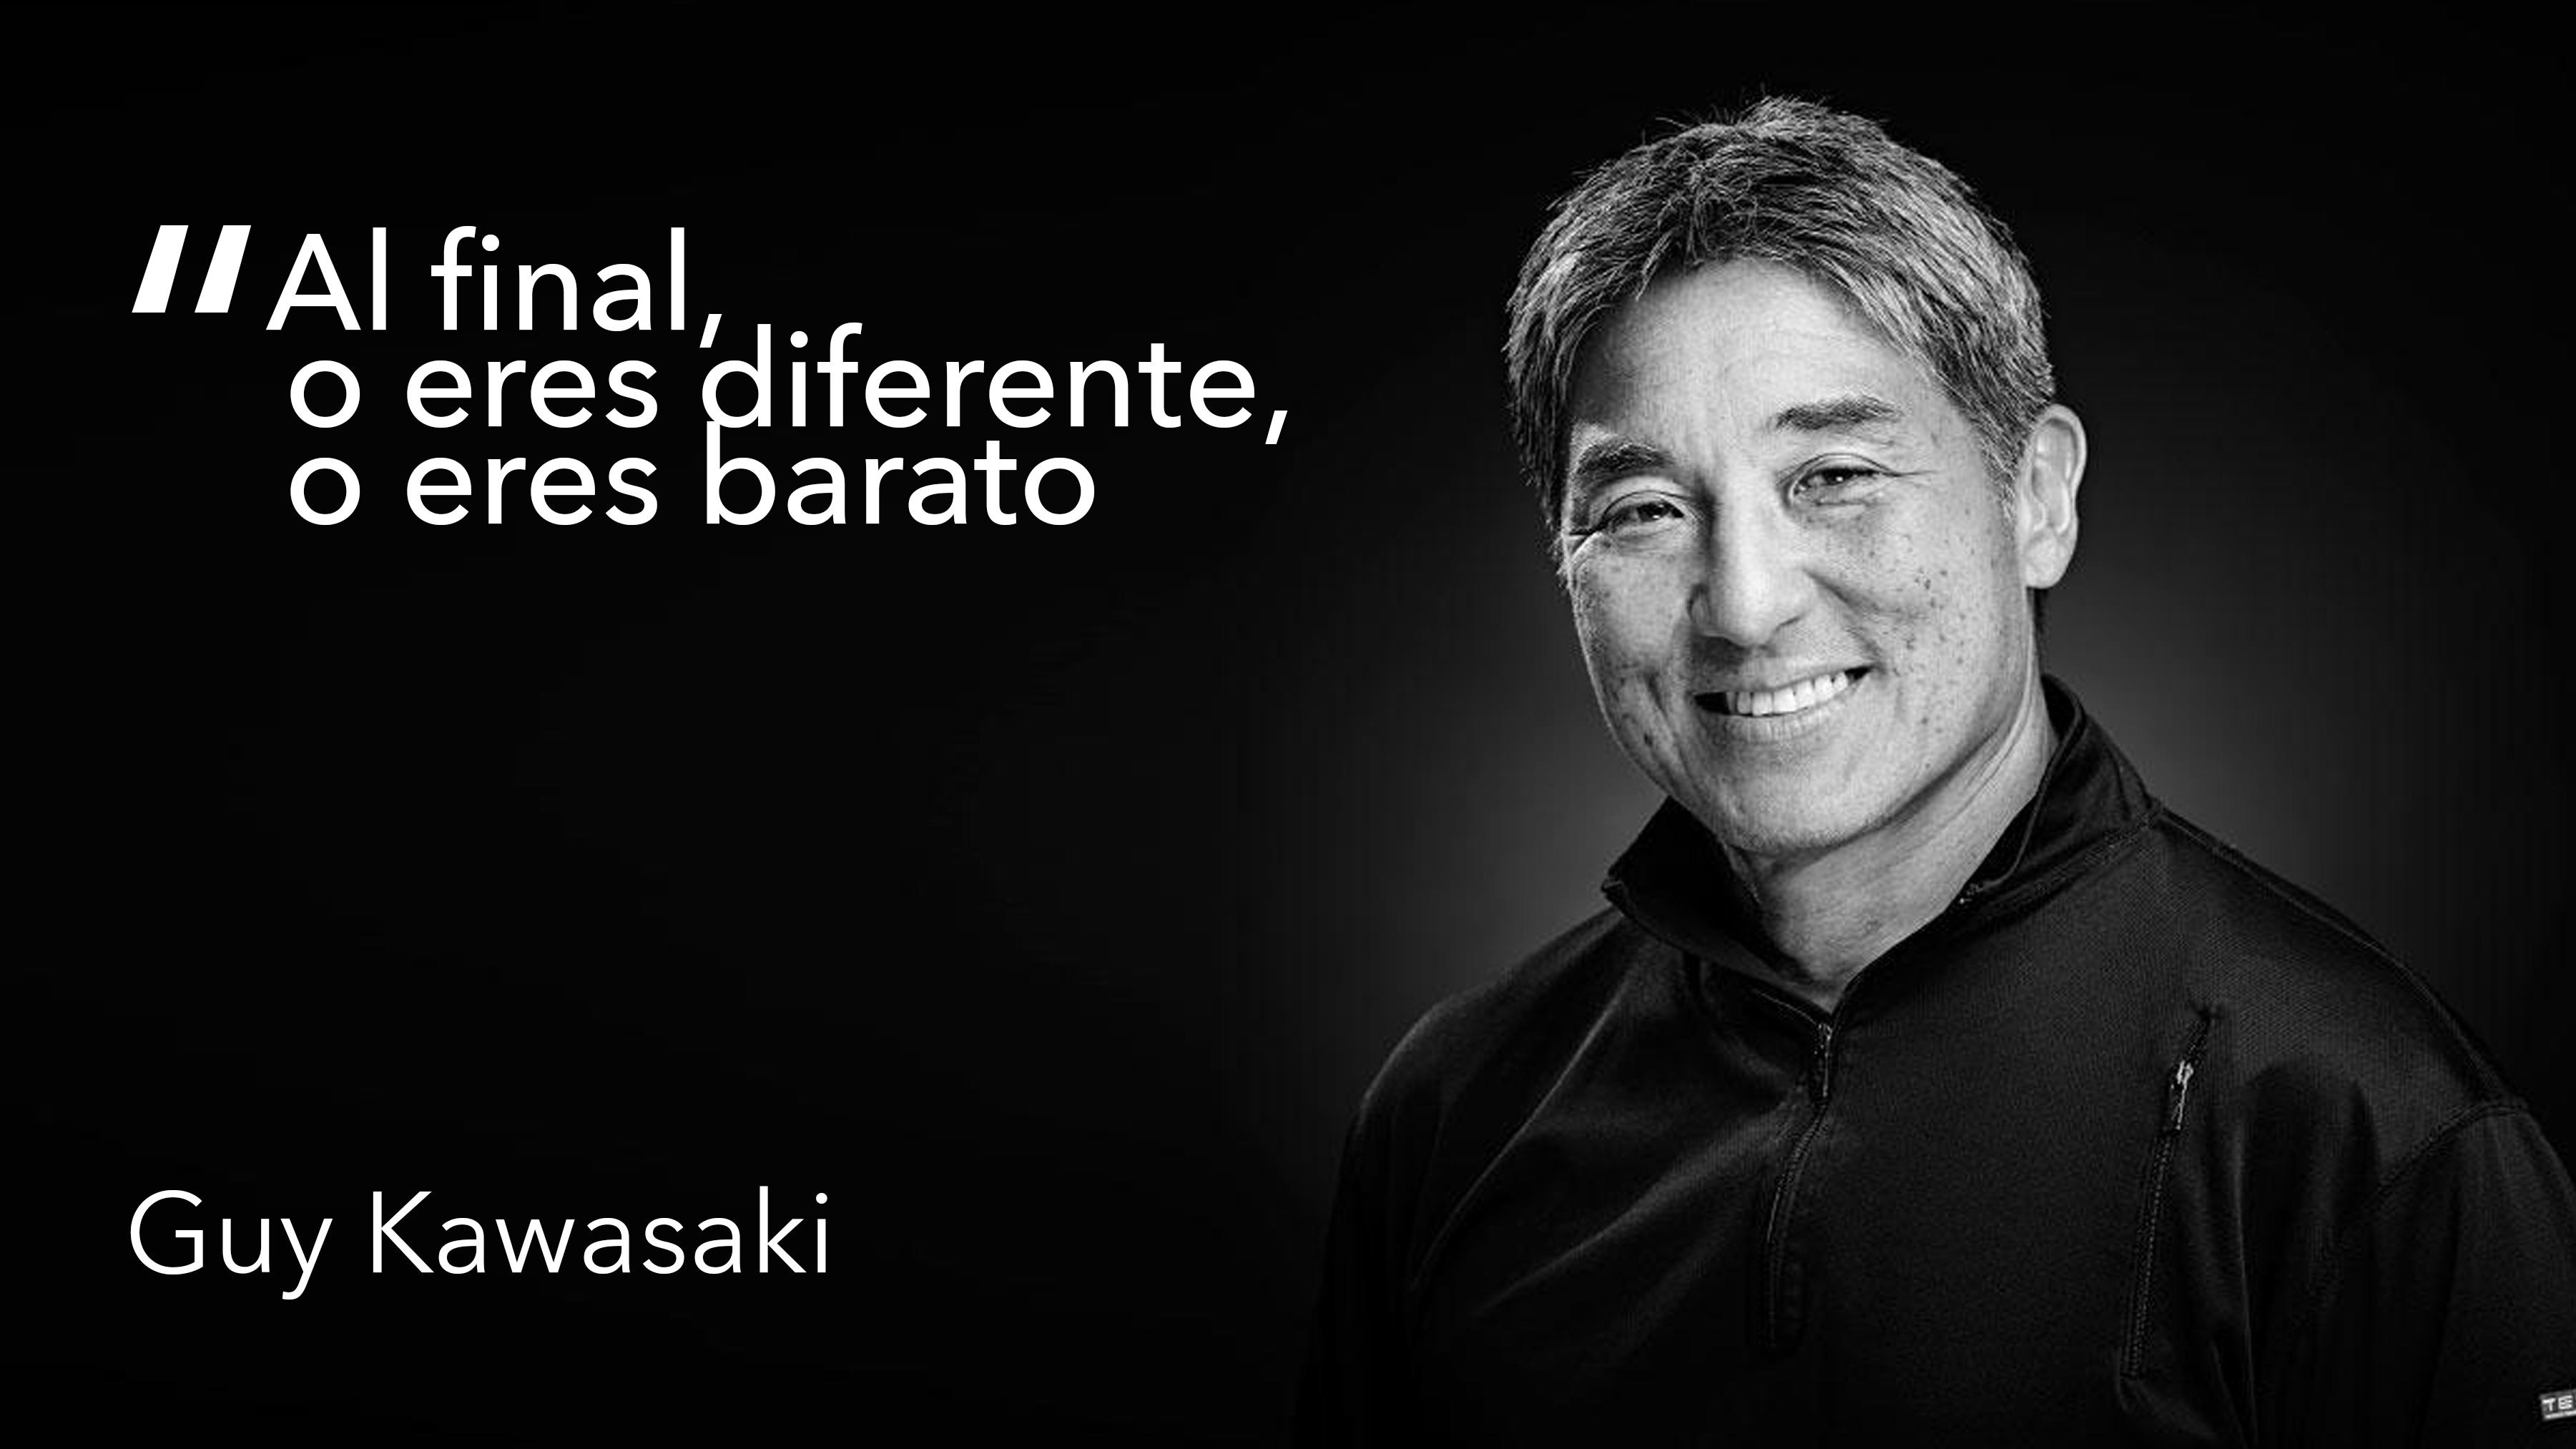 Al final, o eres diferente, o eres barato. Guy Kawasaki